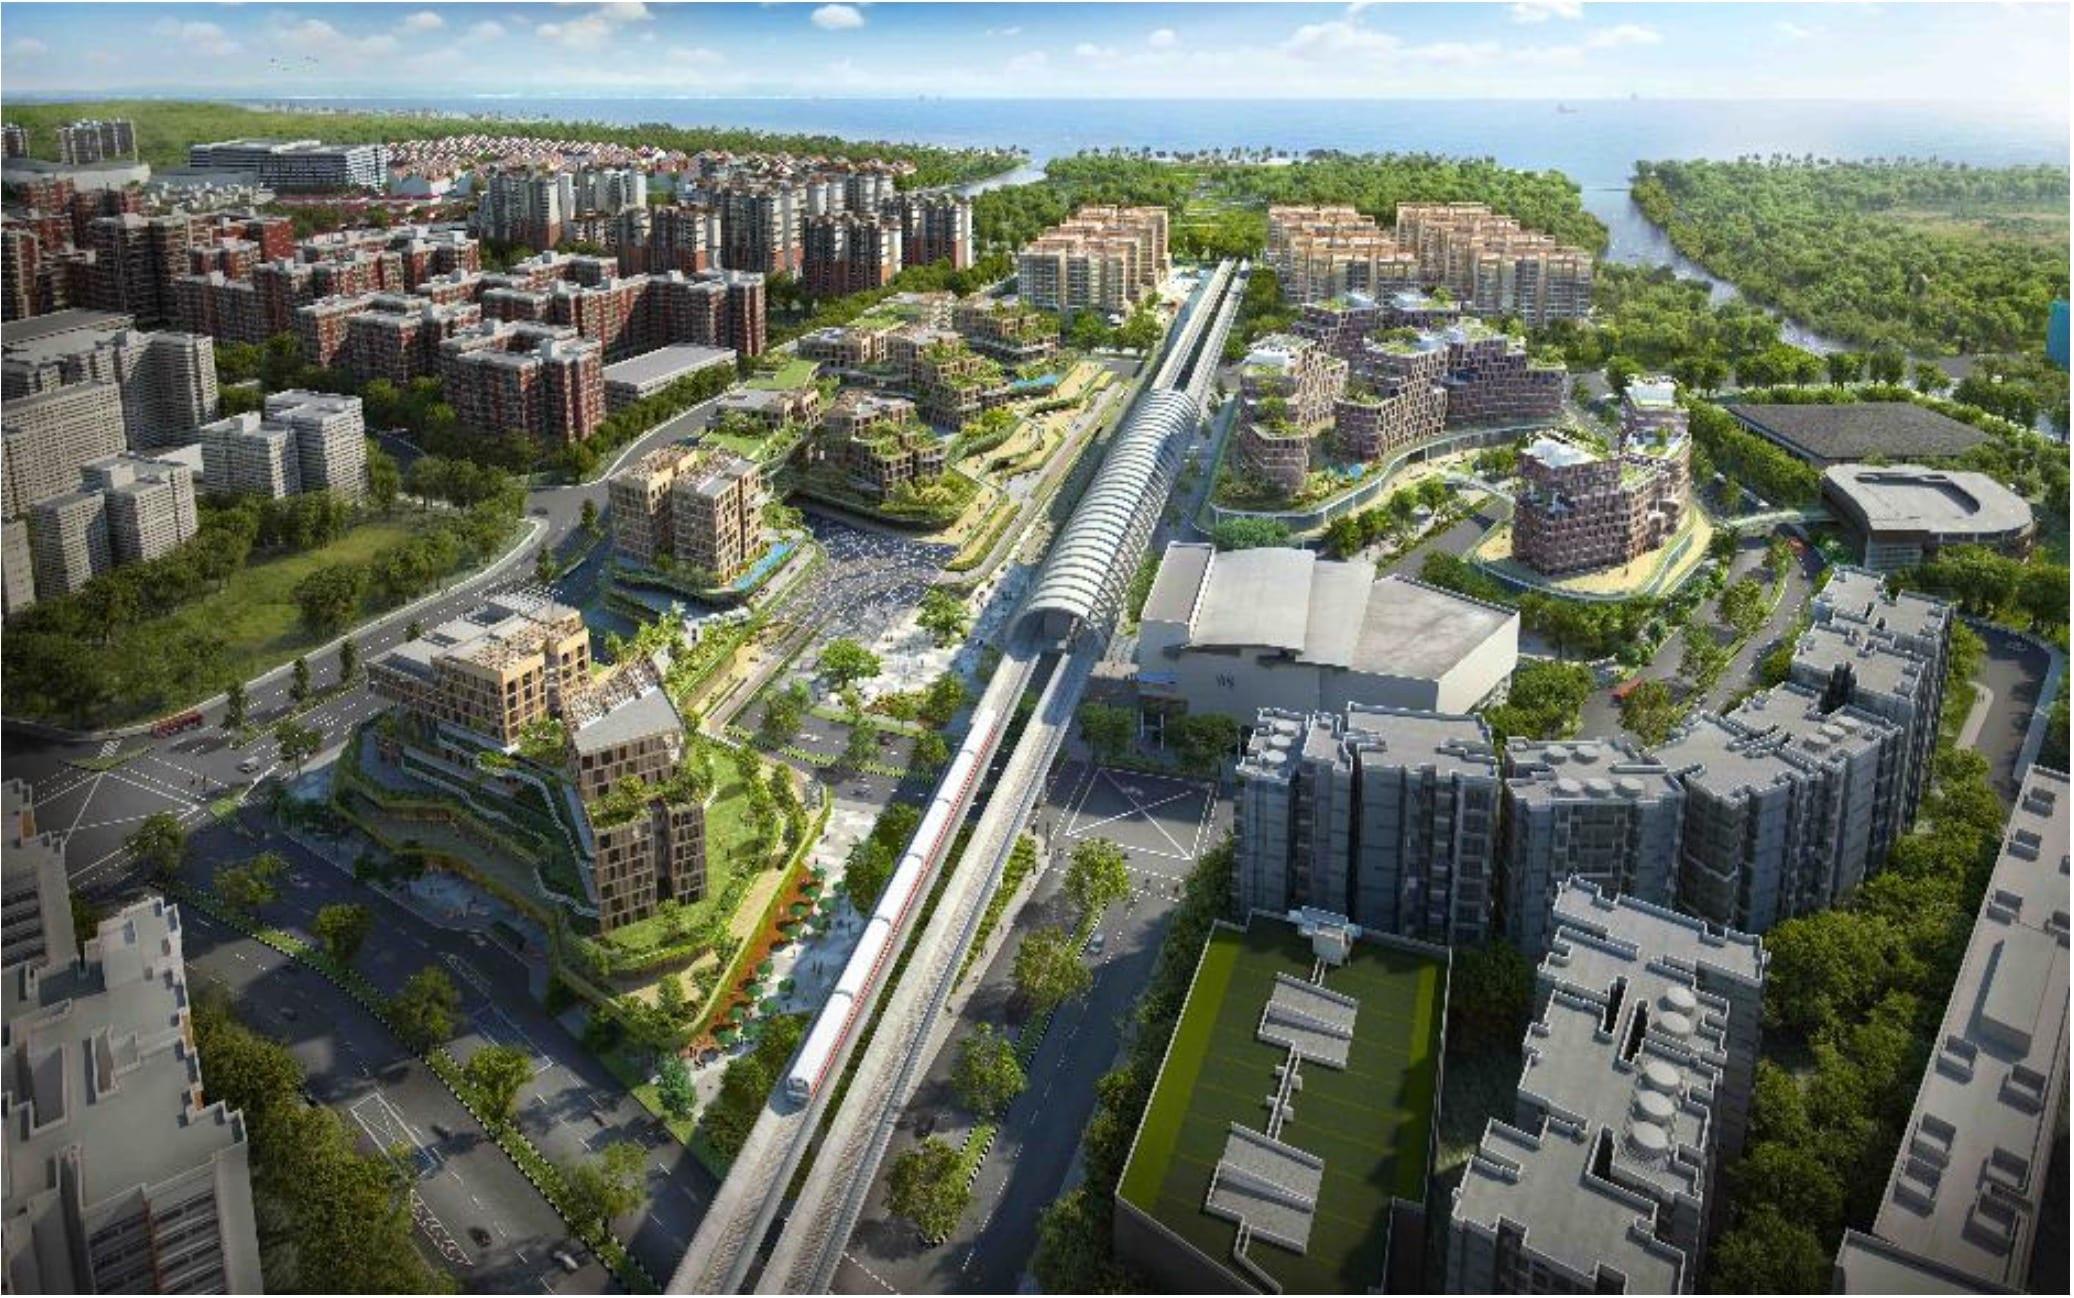 Pasir Ris 8 Singapore . Mixed Development at Pasir Ris Central